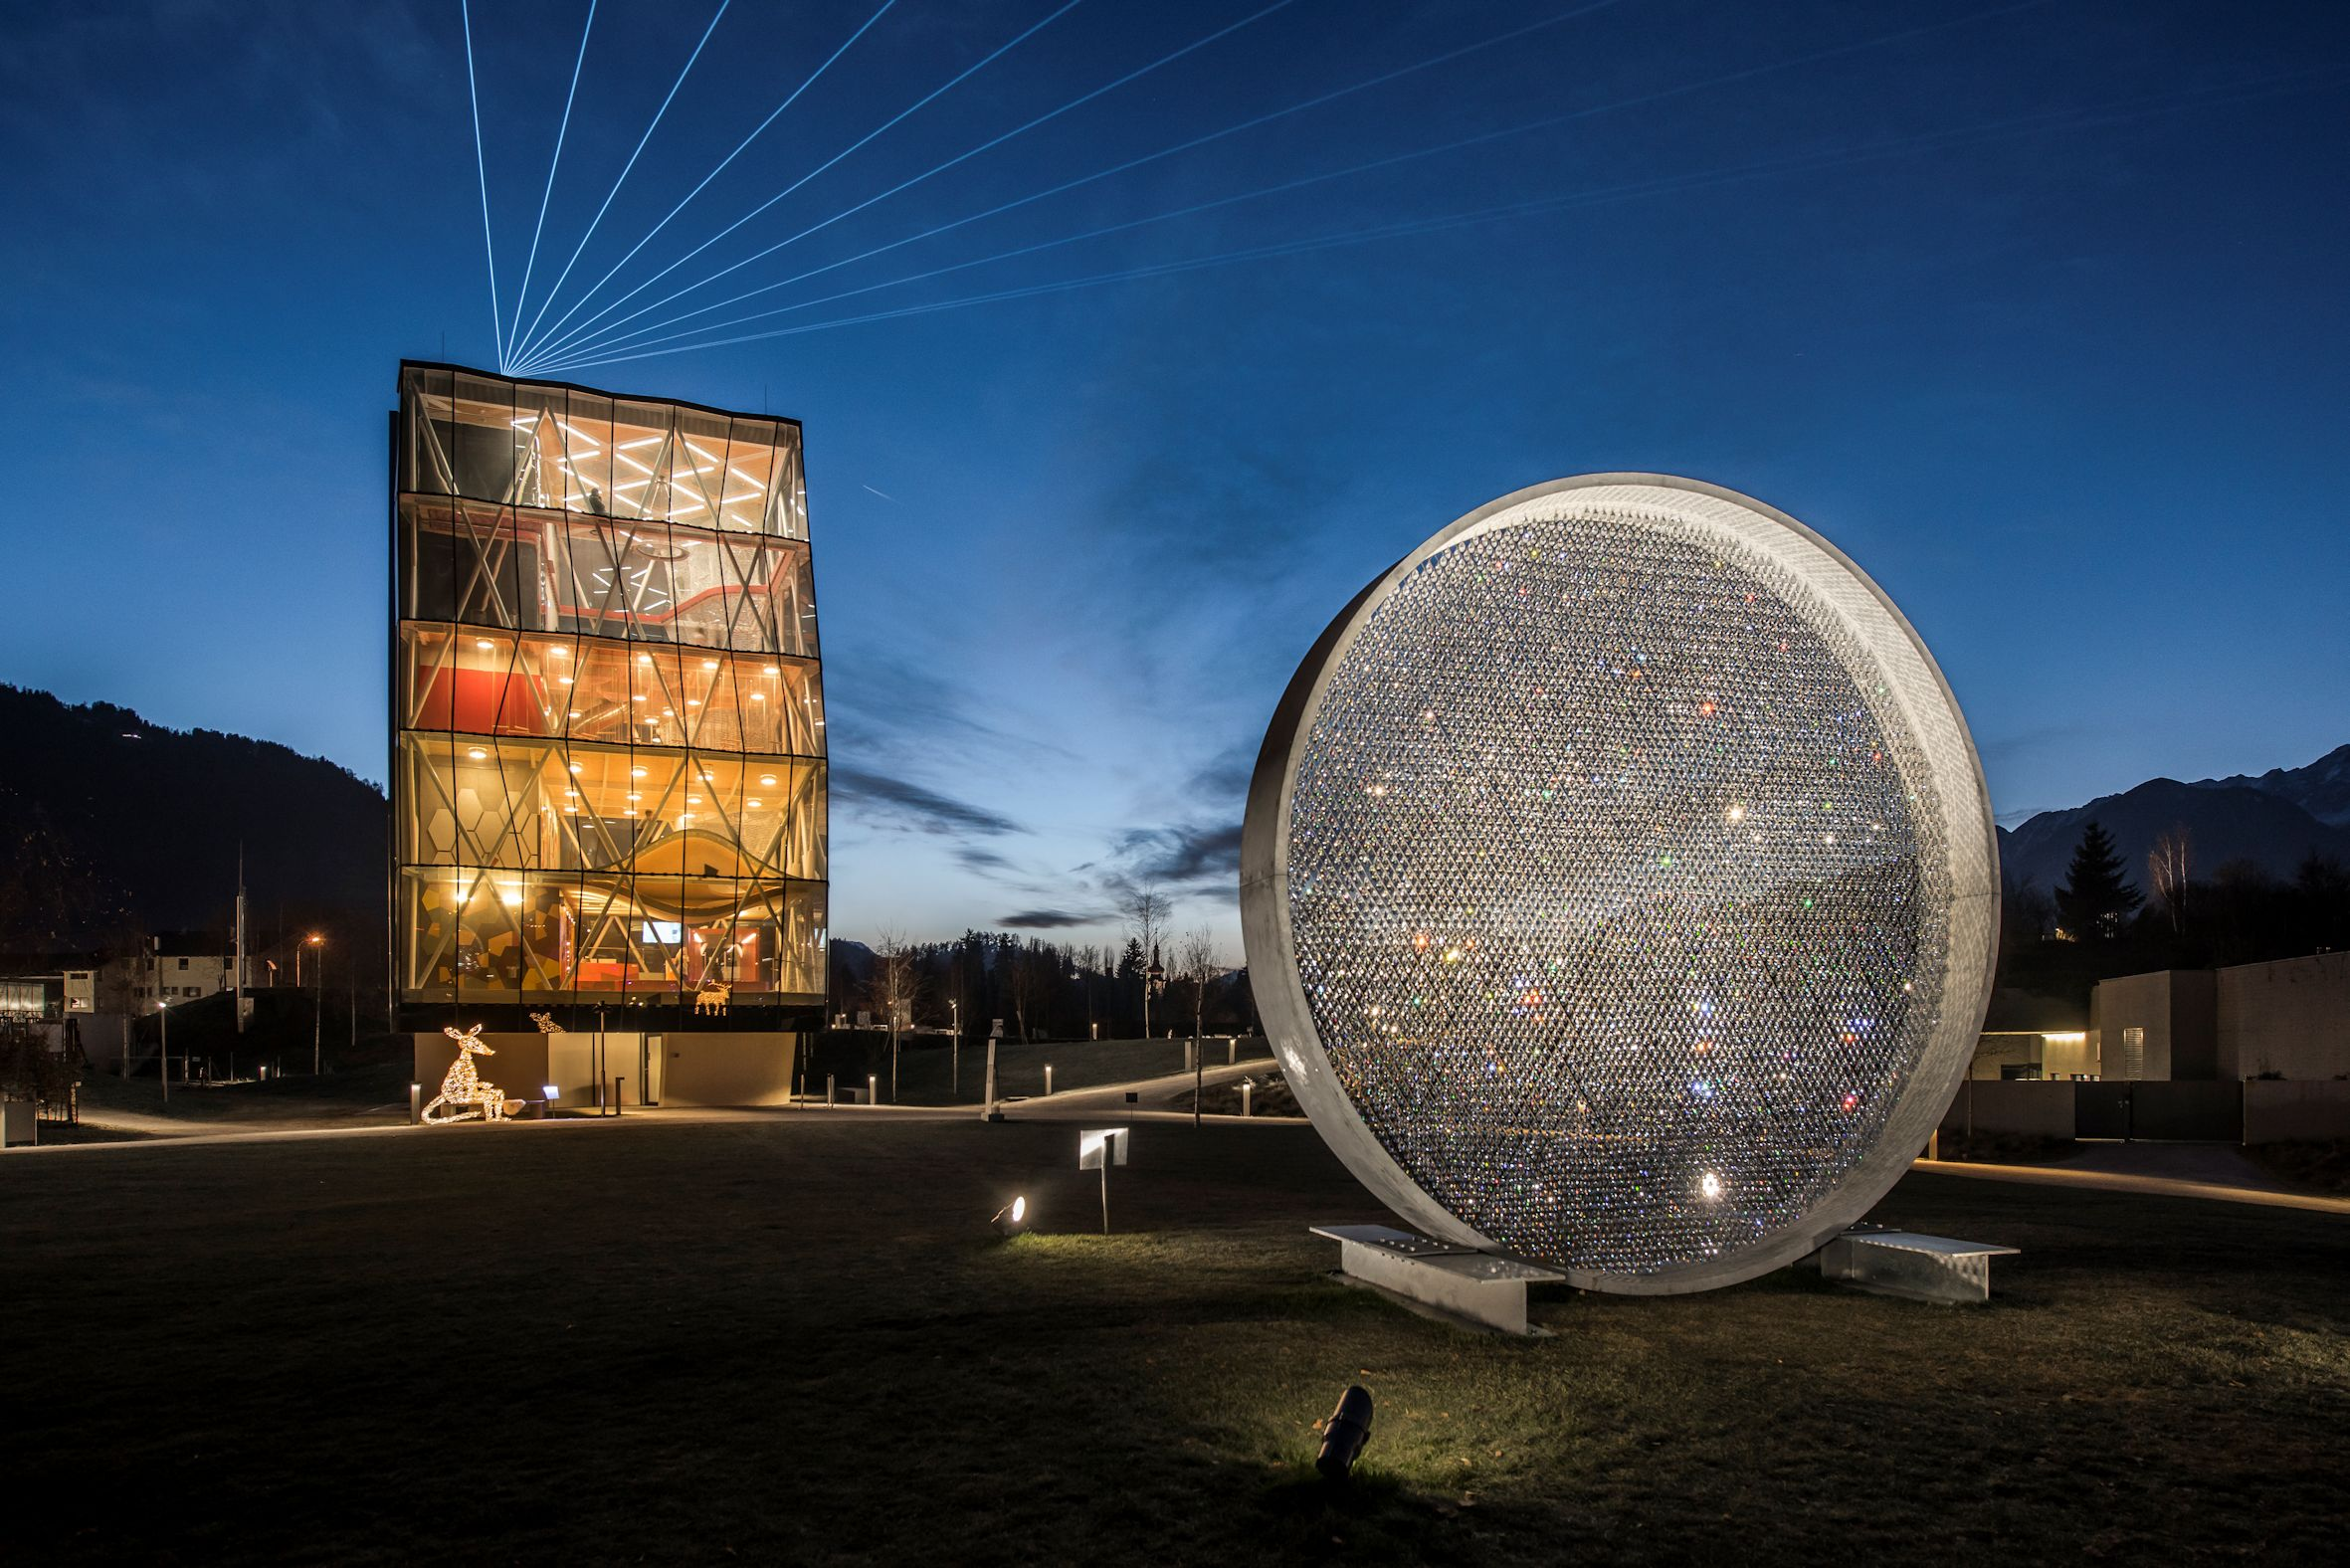 Einzigartiges Swarovski-Lichtfestival lässt die dunkle Jahreszeit erstrahlen